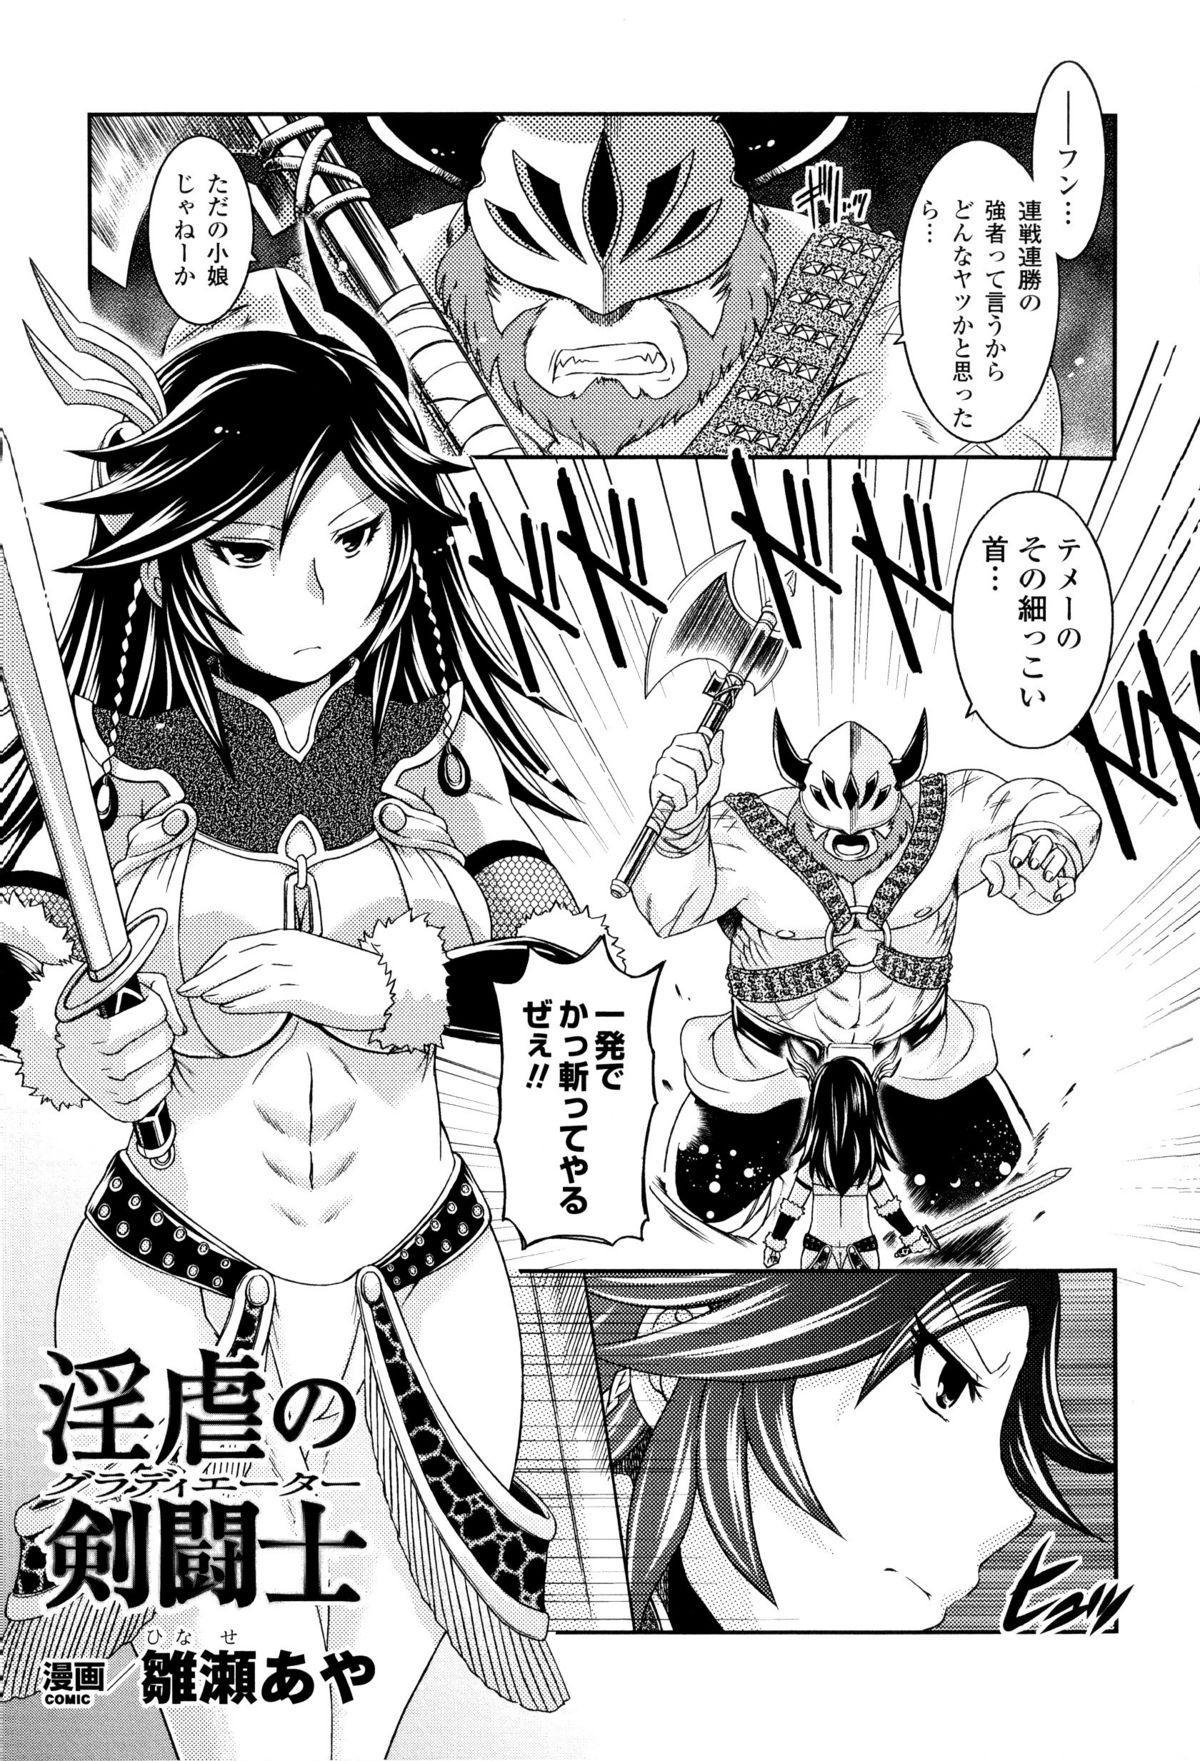 Toushin Engi Vol. 8 103